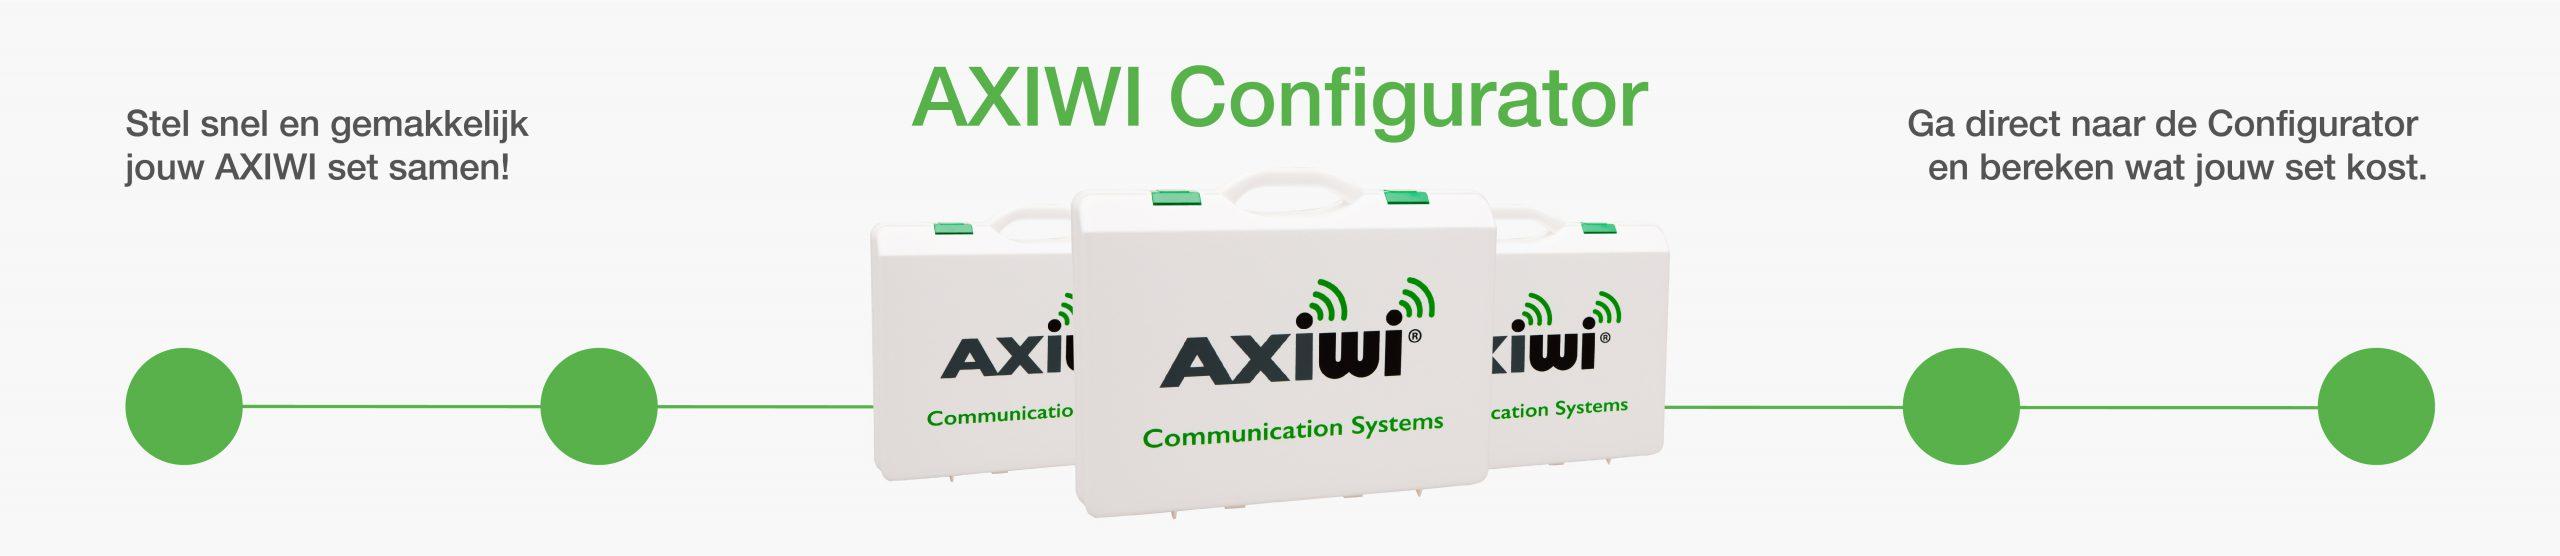 configurator-banner-website